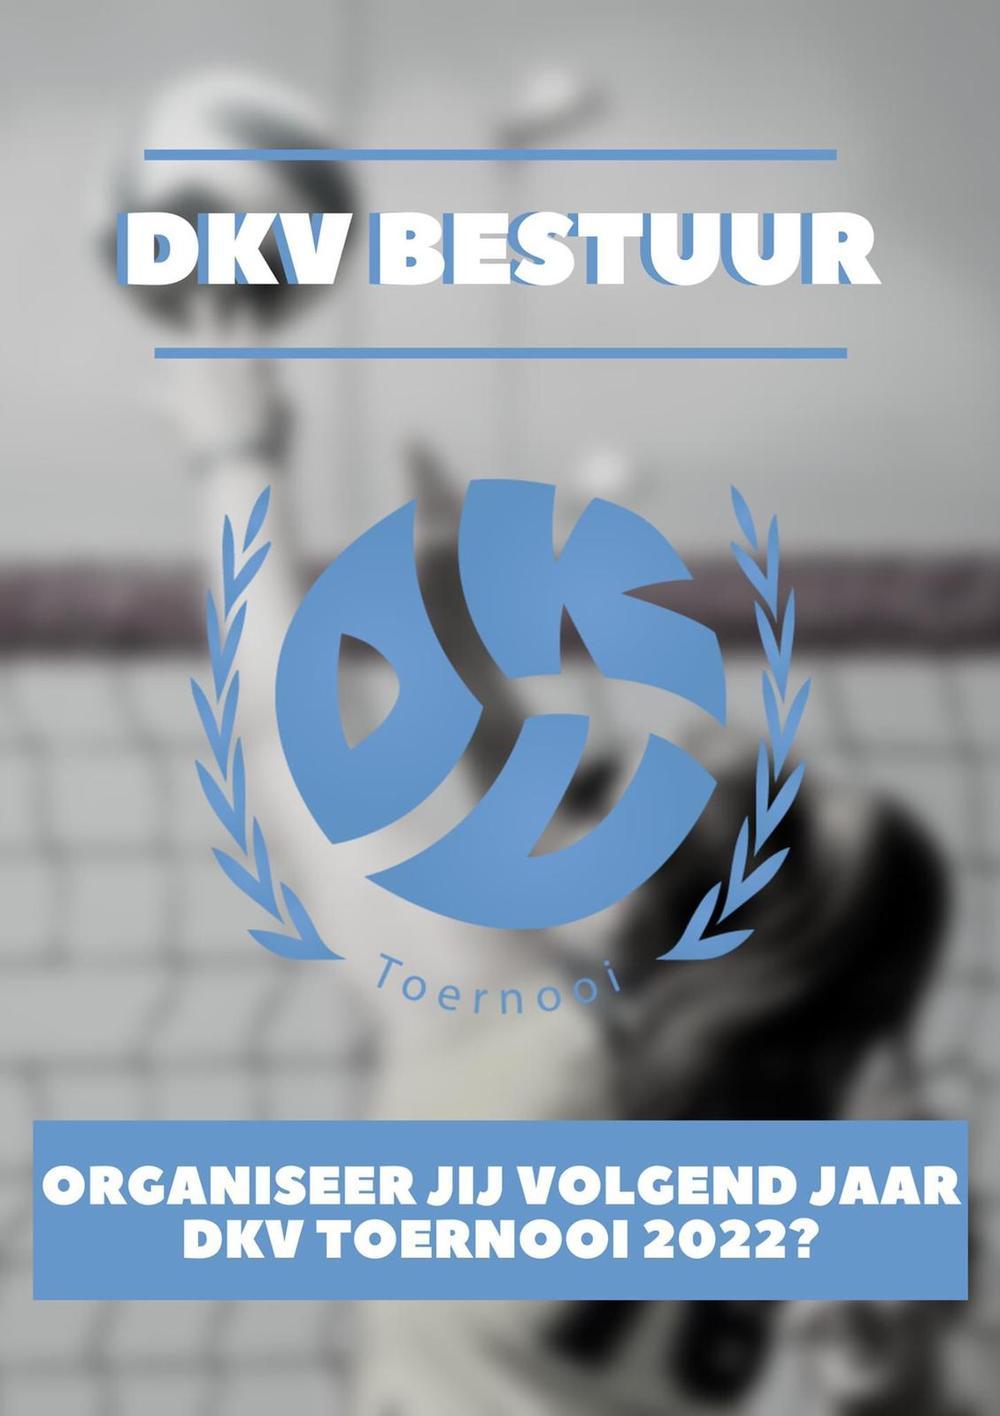 DKV-bestuur gezocht!